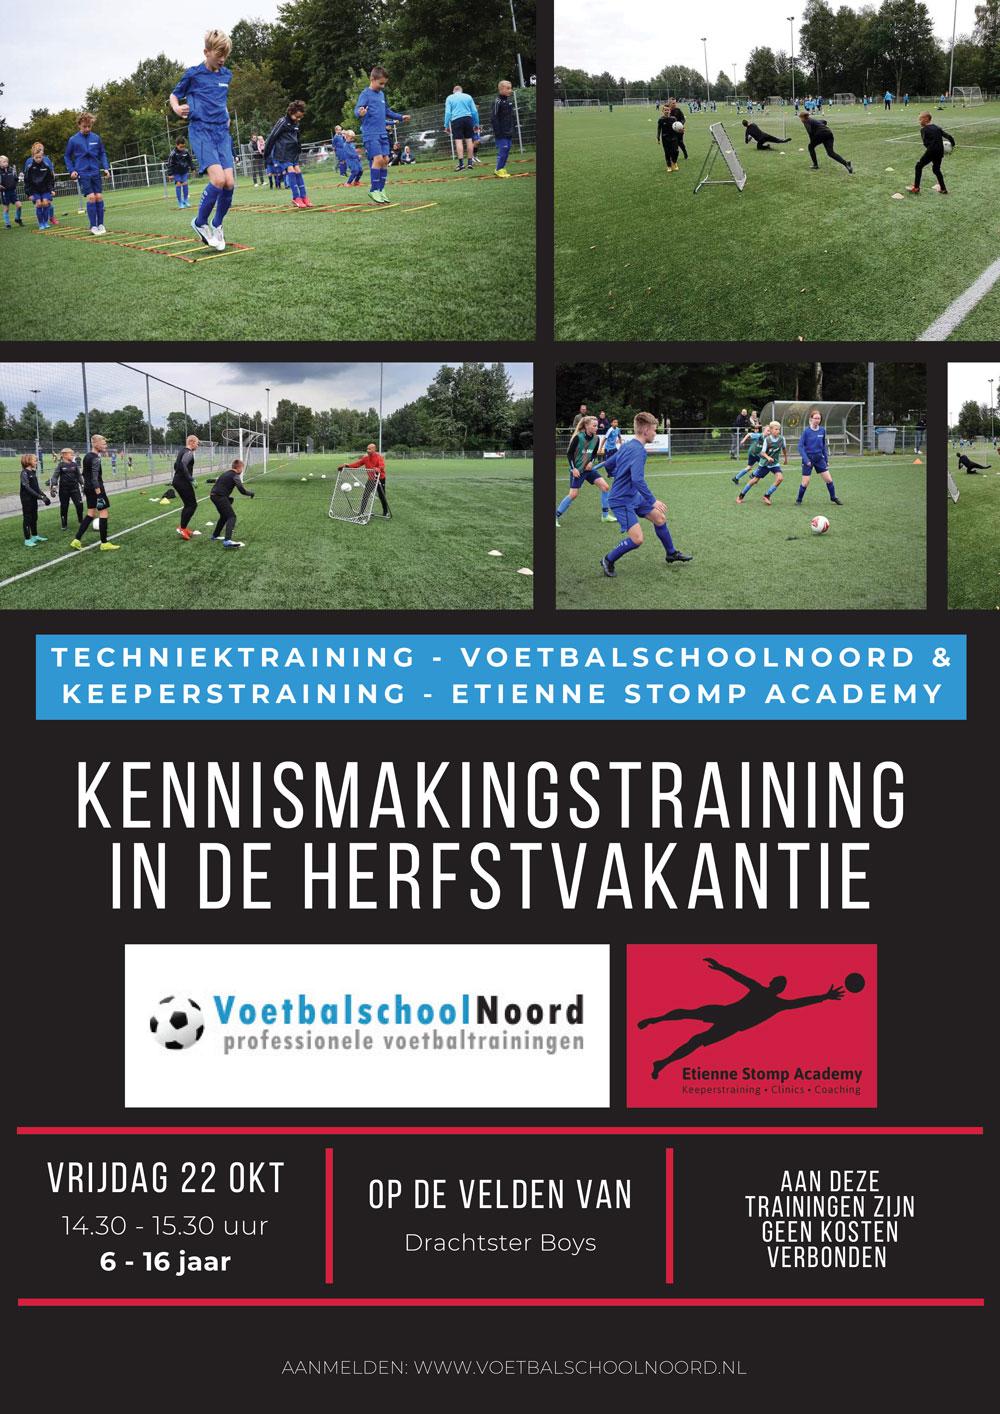 Kennismakingstraining Voetbalschool Noord en Etienne Stomp Academy